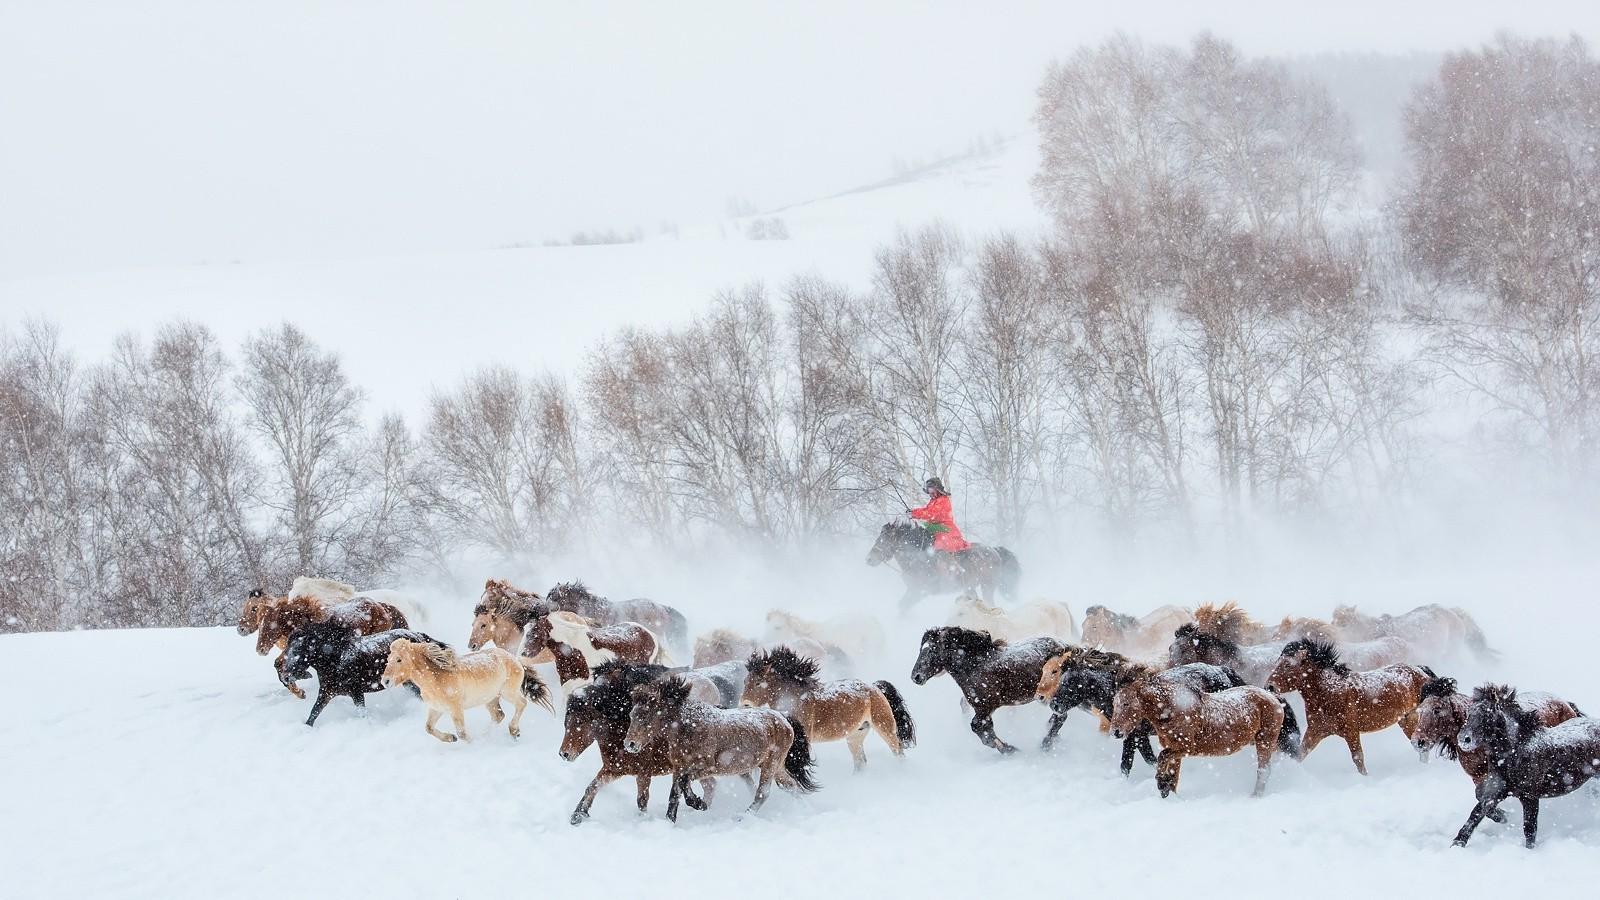 Fond d 39 cran animaux la nature cheval neige hiver for Fond ecran hiver animaux